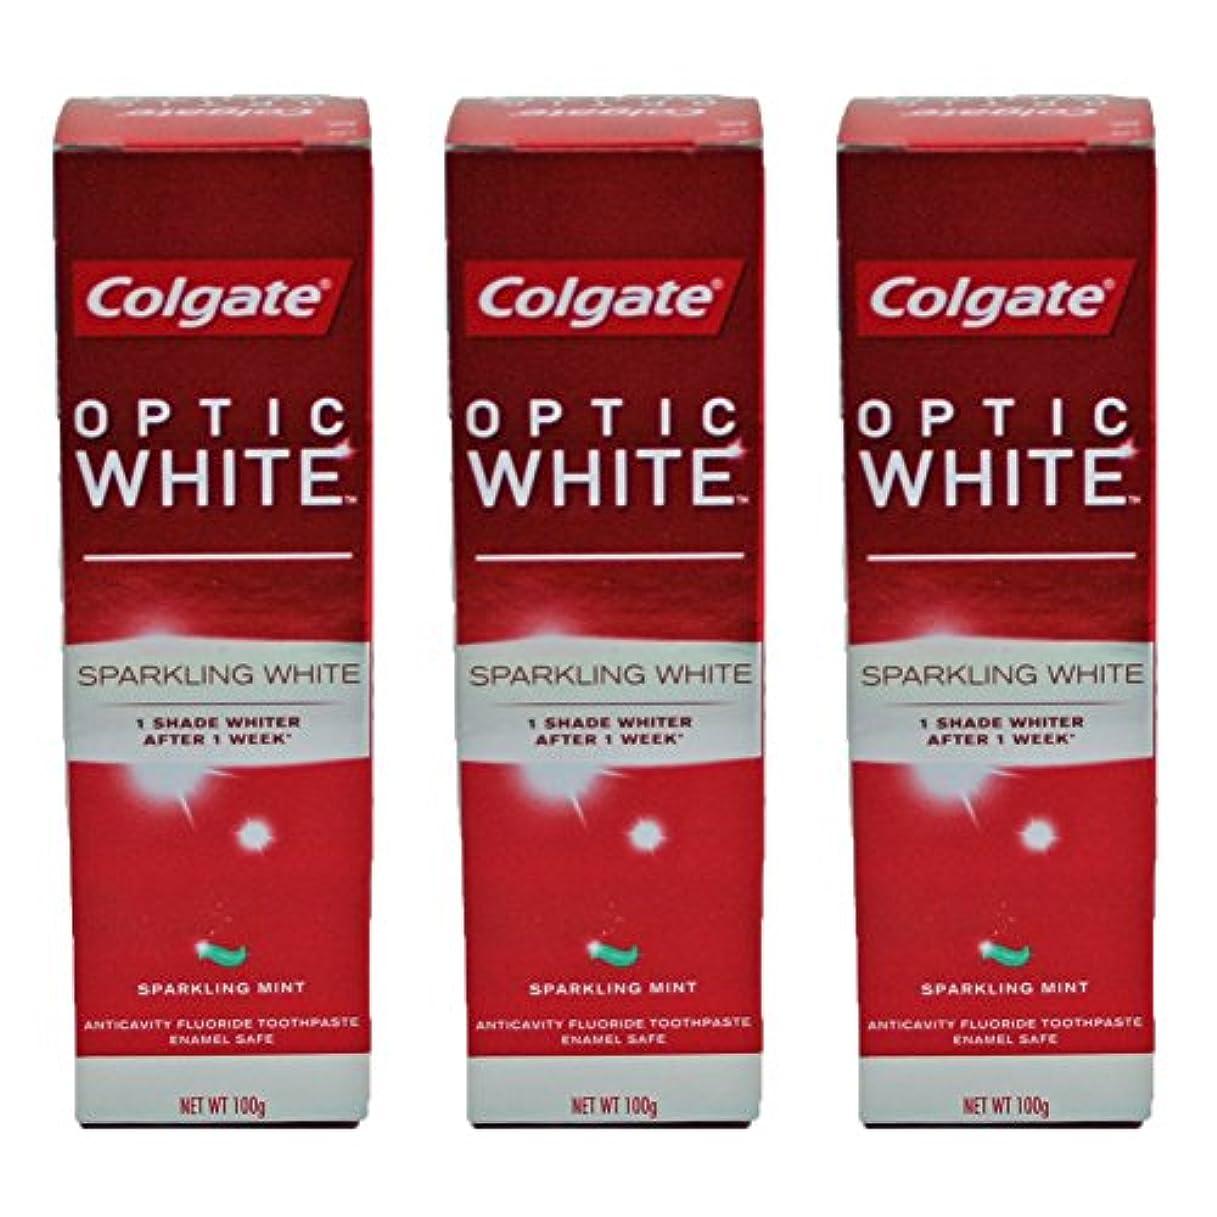 含意海藻酸素コールゲート オプティック ホワイト スパークリングシャイン 100g 3個セット [並行輸入品]